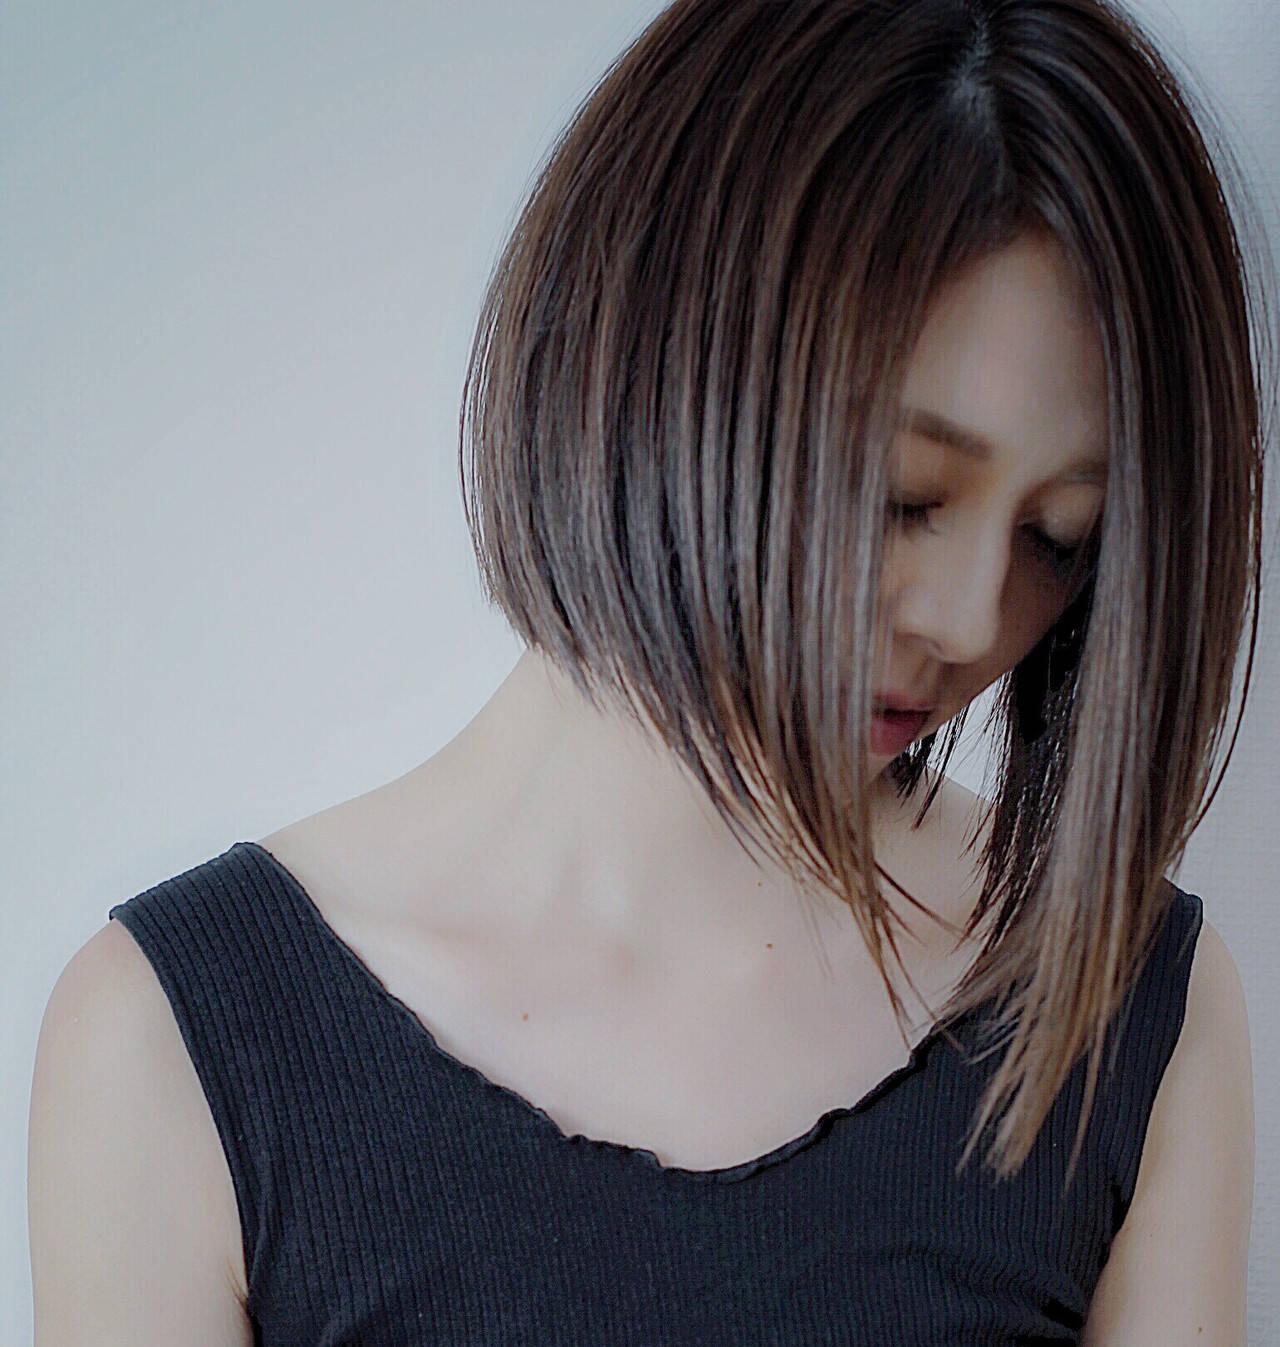 大人女子 オリーブアッシュ アッシュグレージュ 簡単ヘアアレンジヘアスタイルや髪型の写真・画像